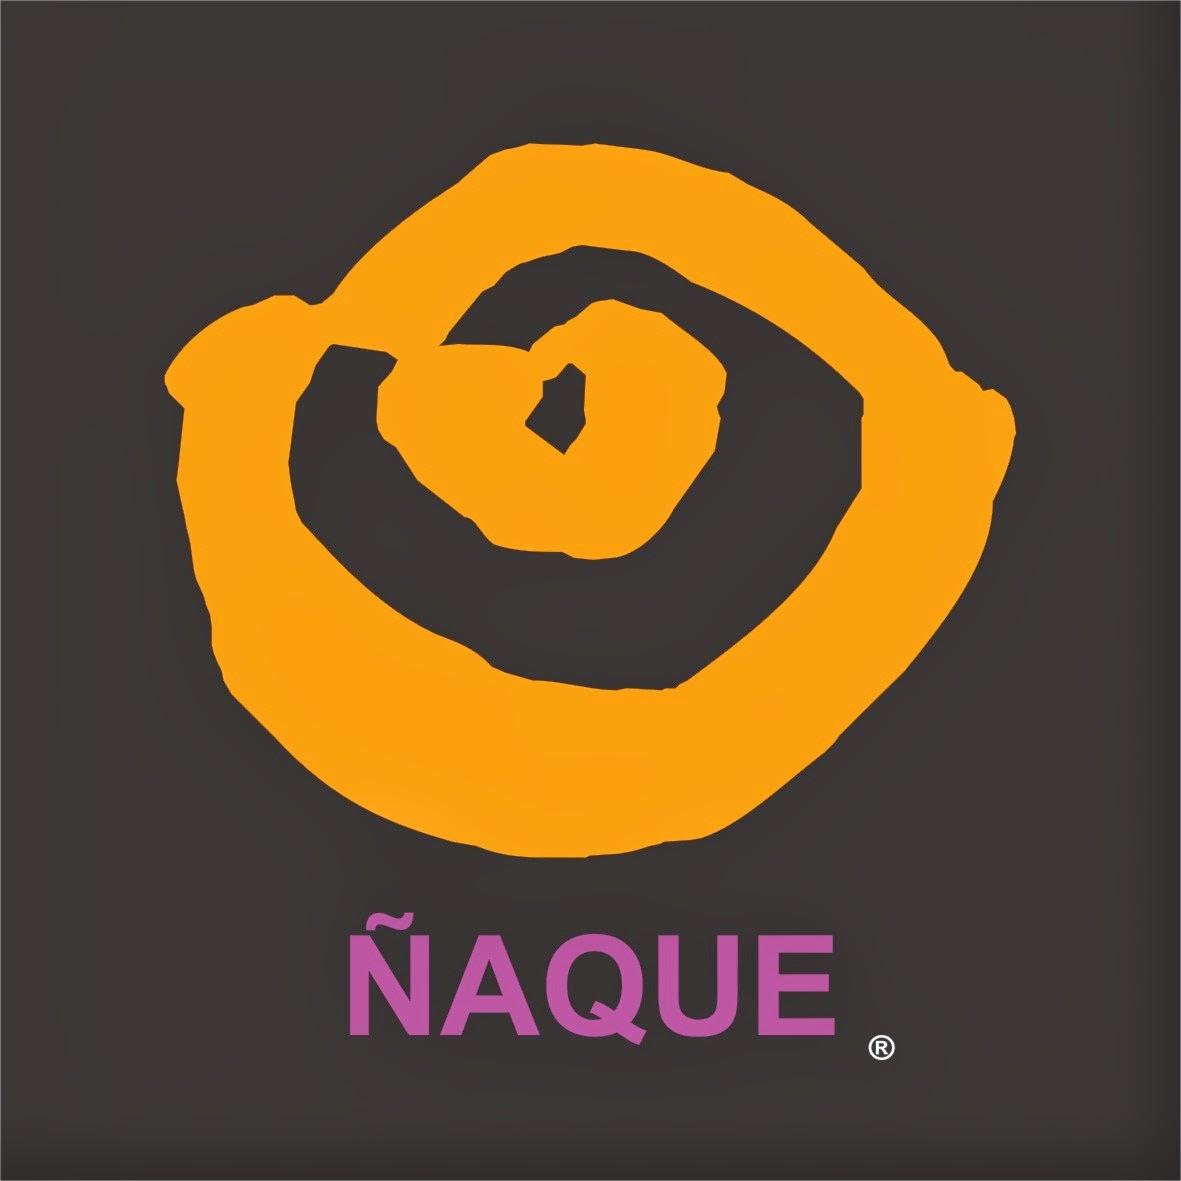 ÑAQUE